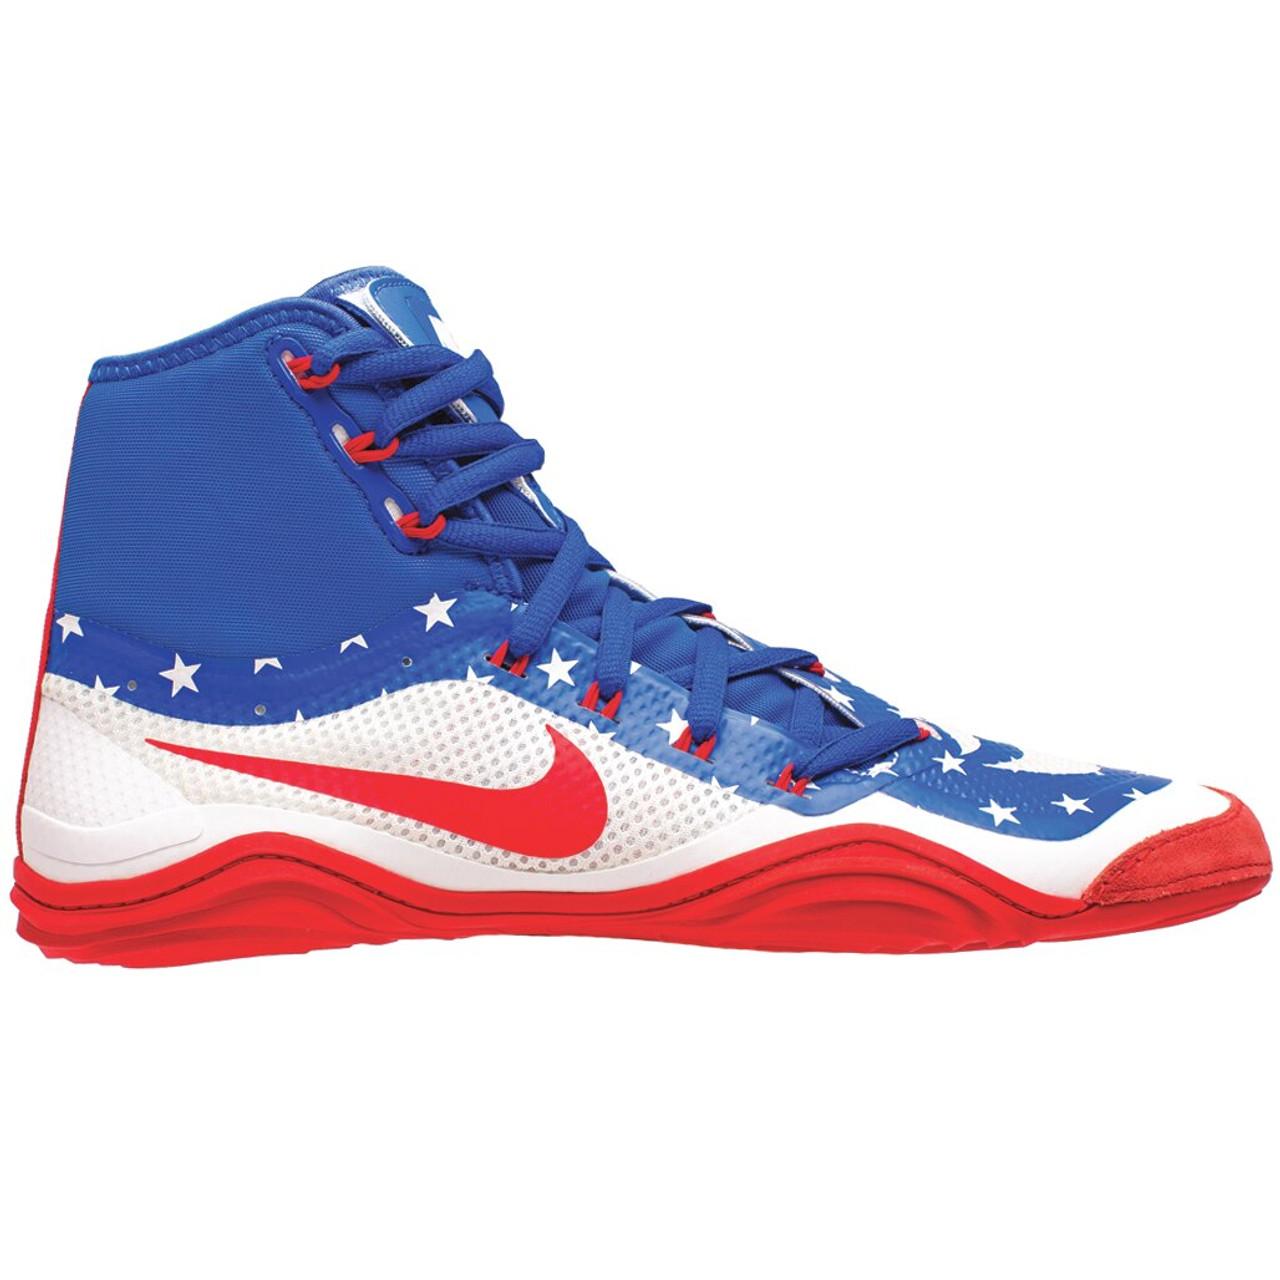 Nike Hypersweep Wrestling Shoe - Game